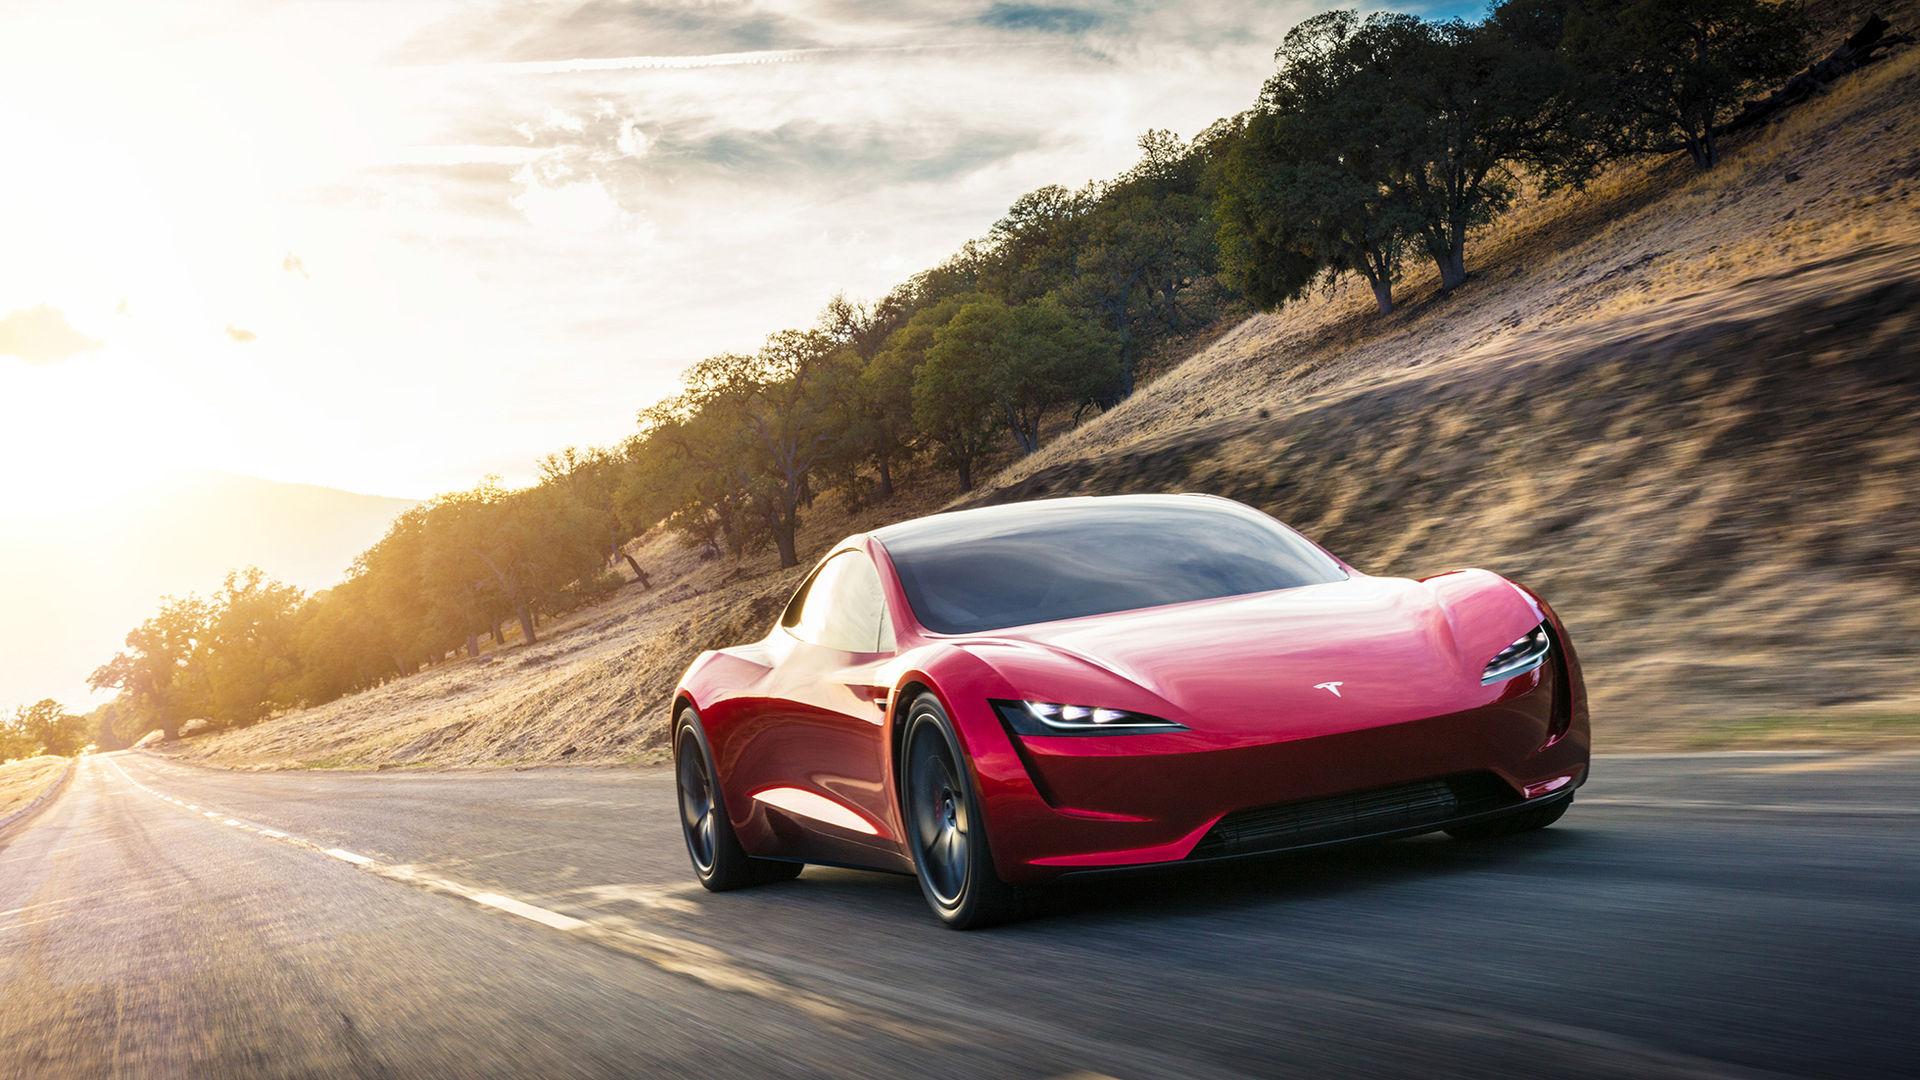 Ny video visar när Tesla Roadster accelererar